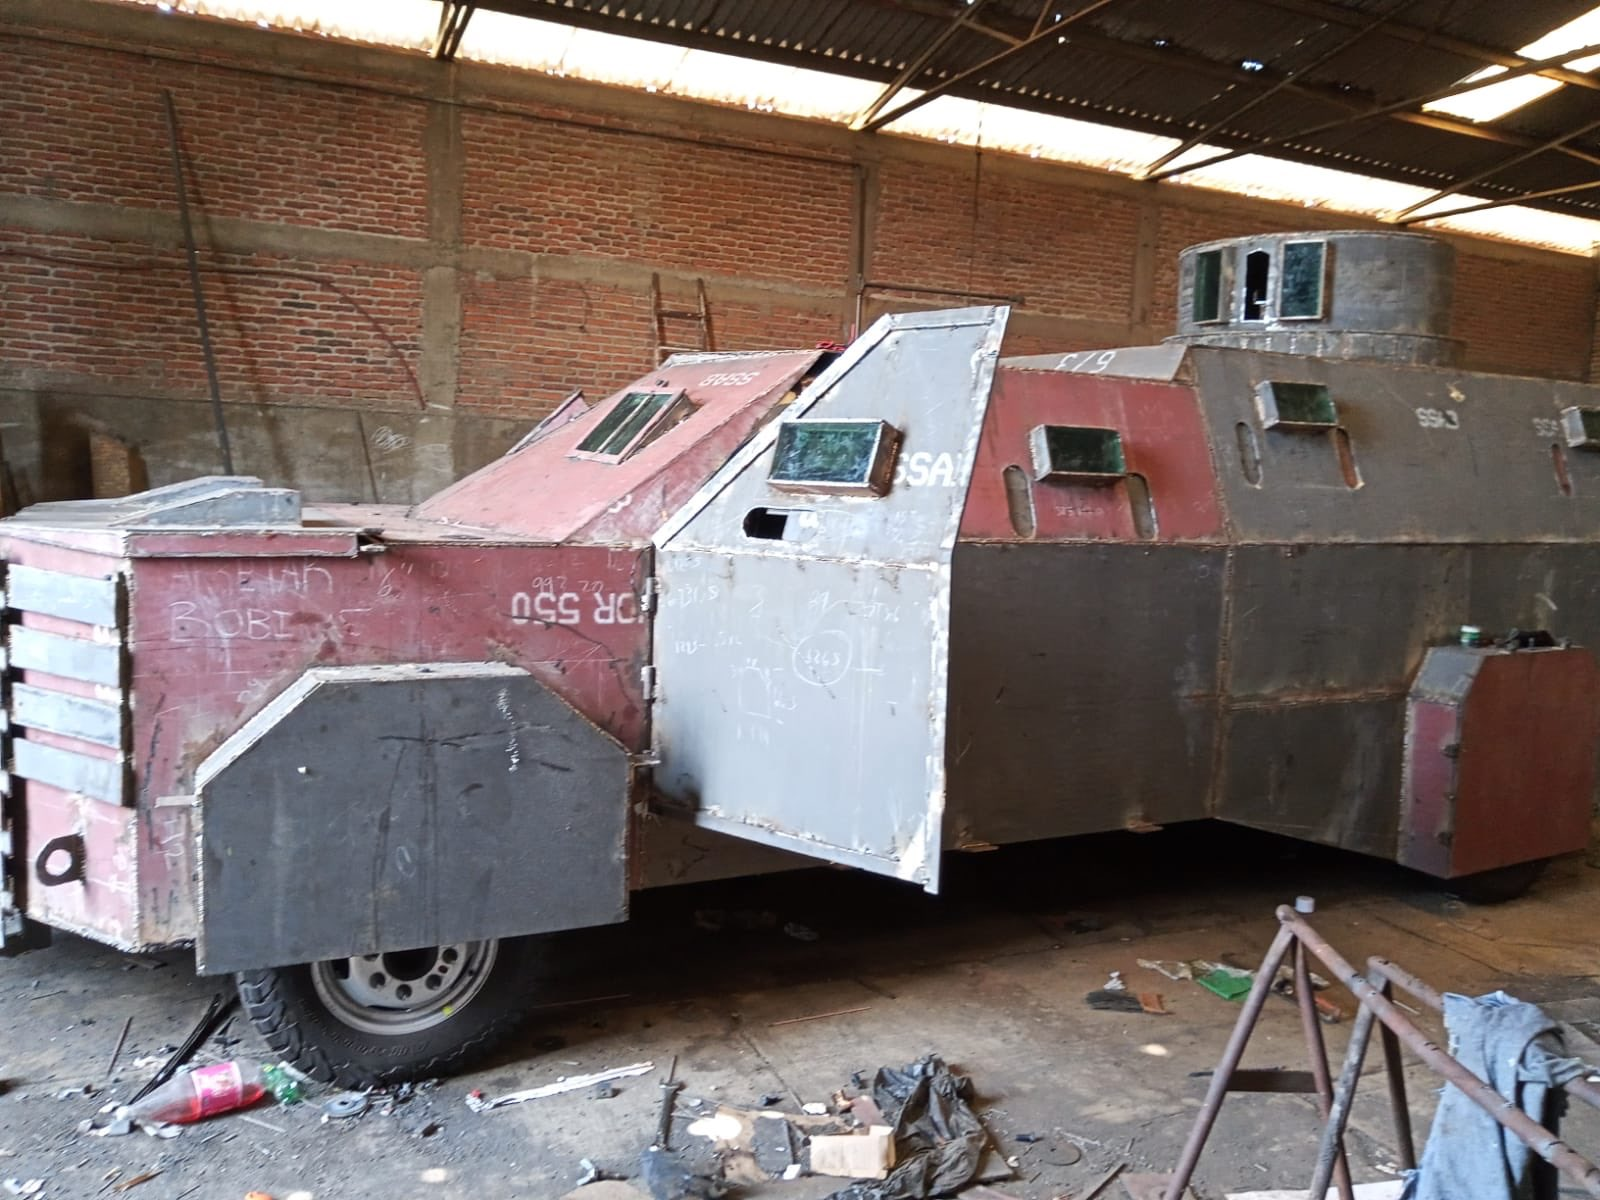 Fotos: aseguran en Tuxpan; Jalisco al CJNG monstruo blindado y armas chapadas en oro